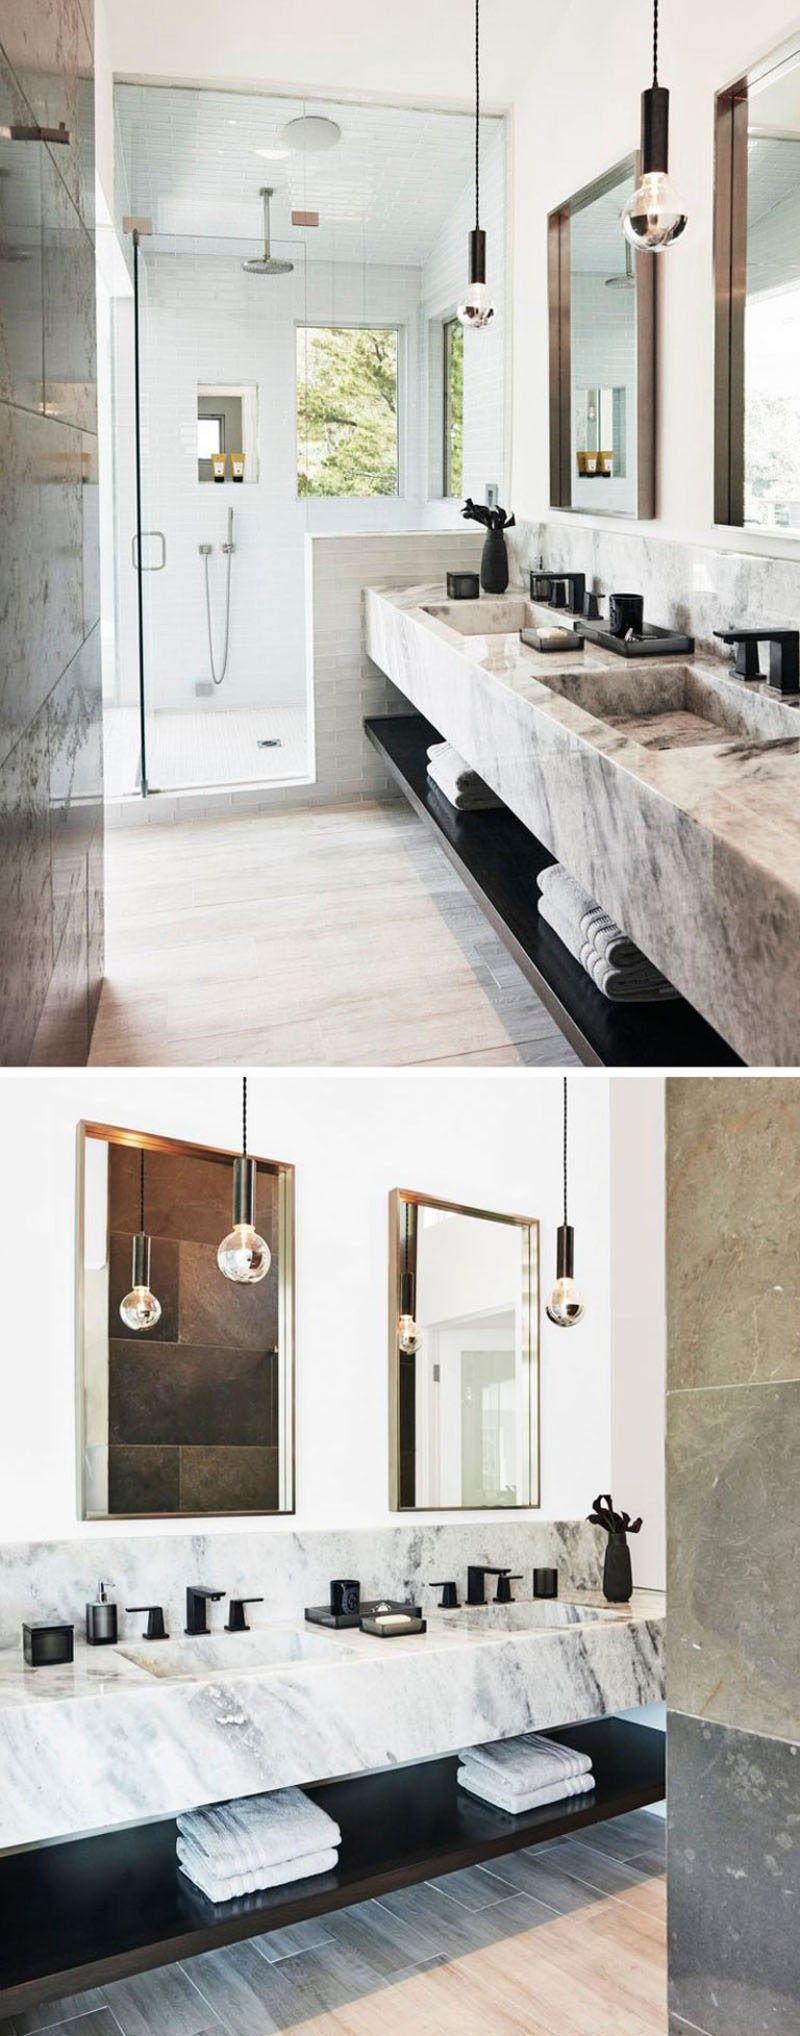 badezimmer design ideen offenen regal unterhalb der arbeitsplatte die dunkle ablage unter. Black Bedroom Furniture Sets. Home Design Ideas